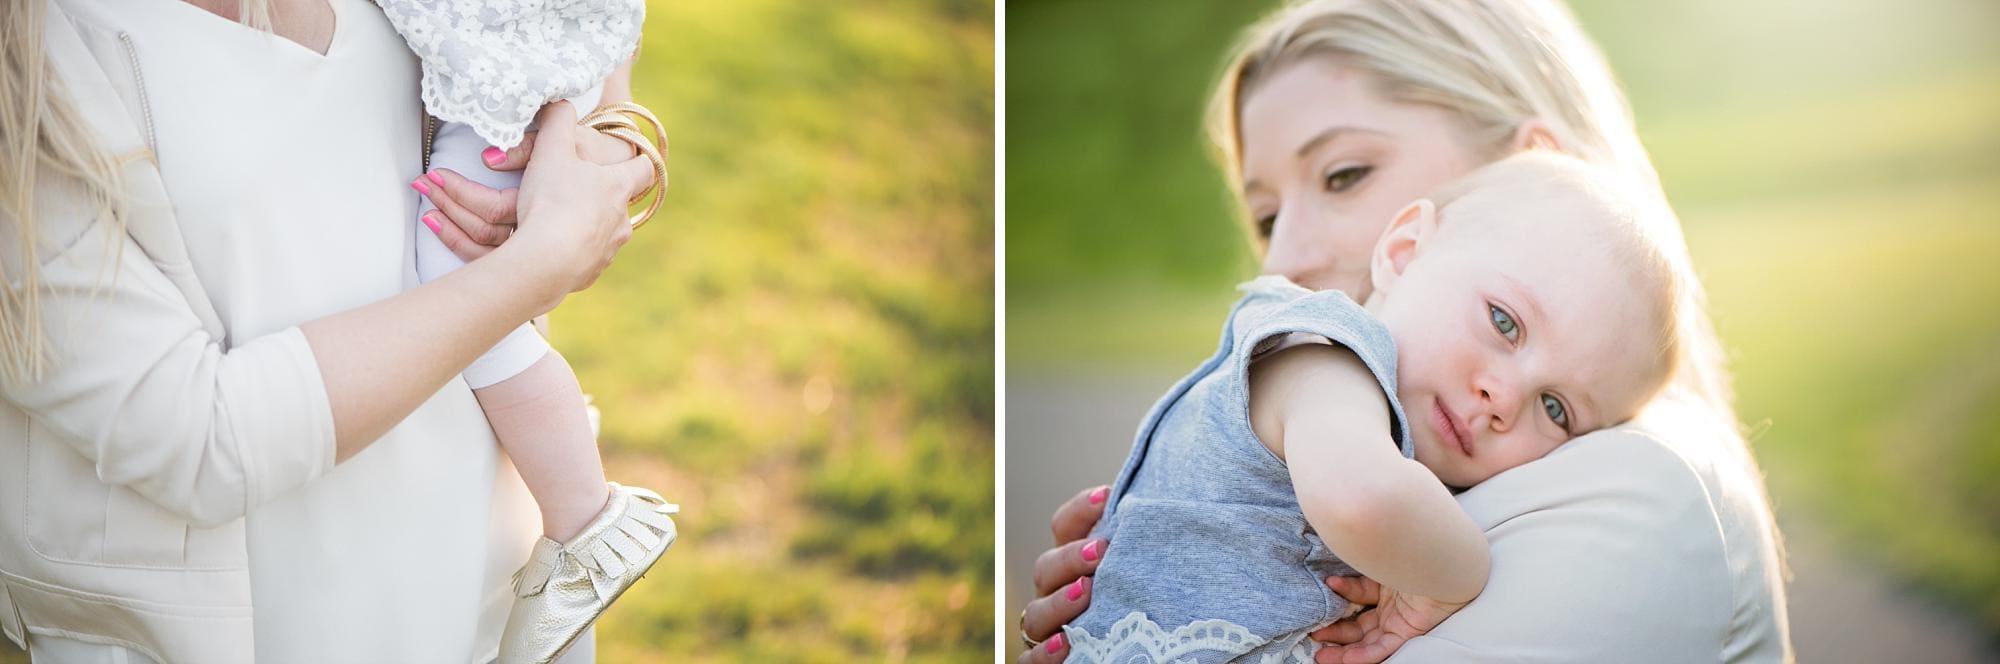 Mom hugging baby girl outside